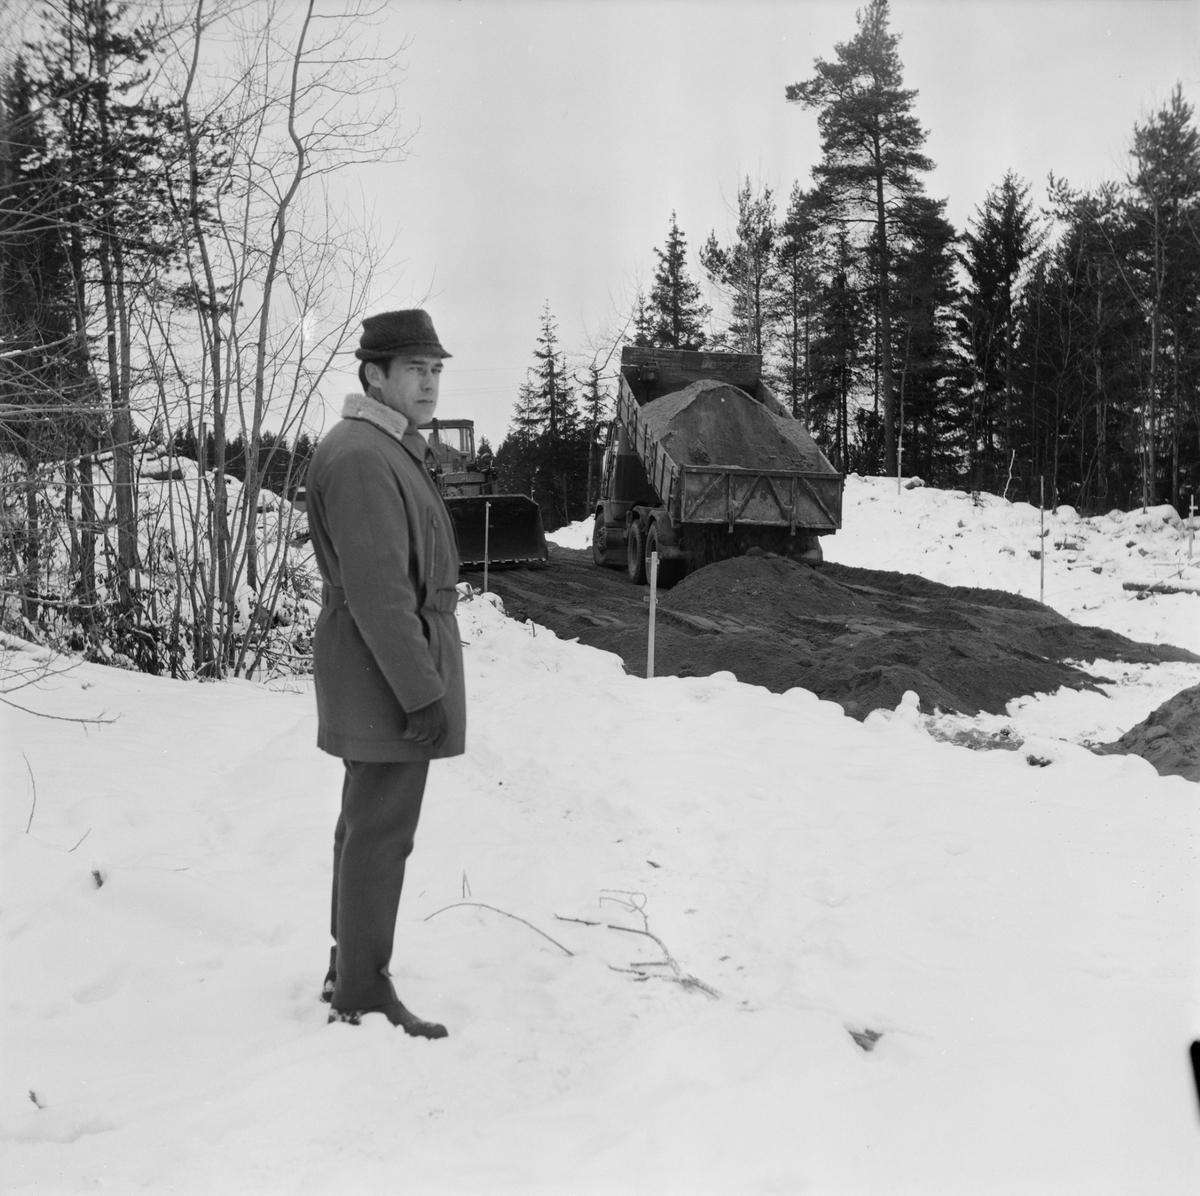 Tierpsbygden vill utföra VA-arbeten för 1,5 miljoner, Uppland, december 1971